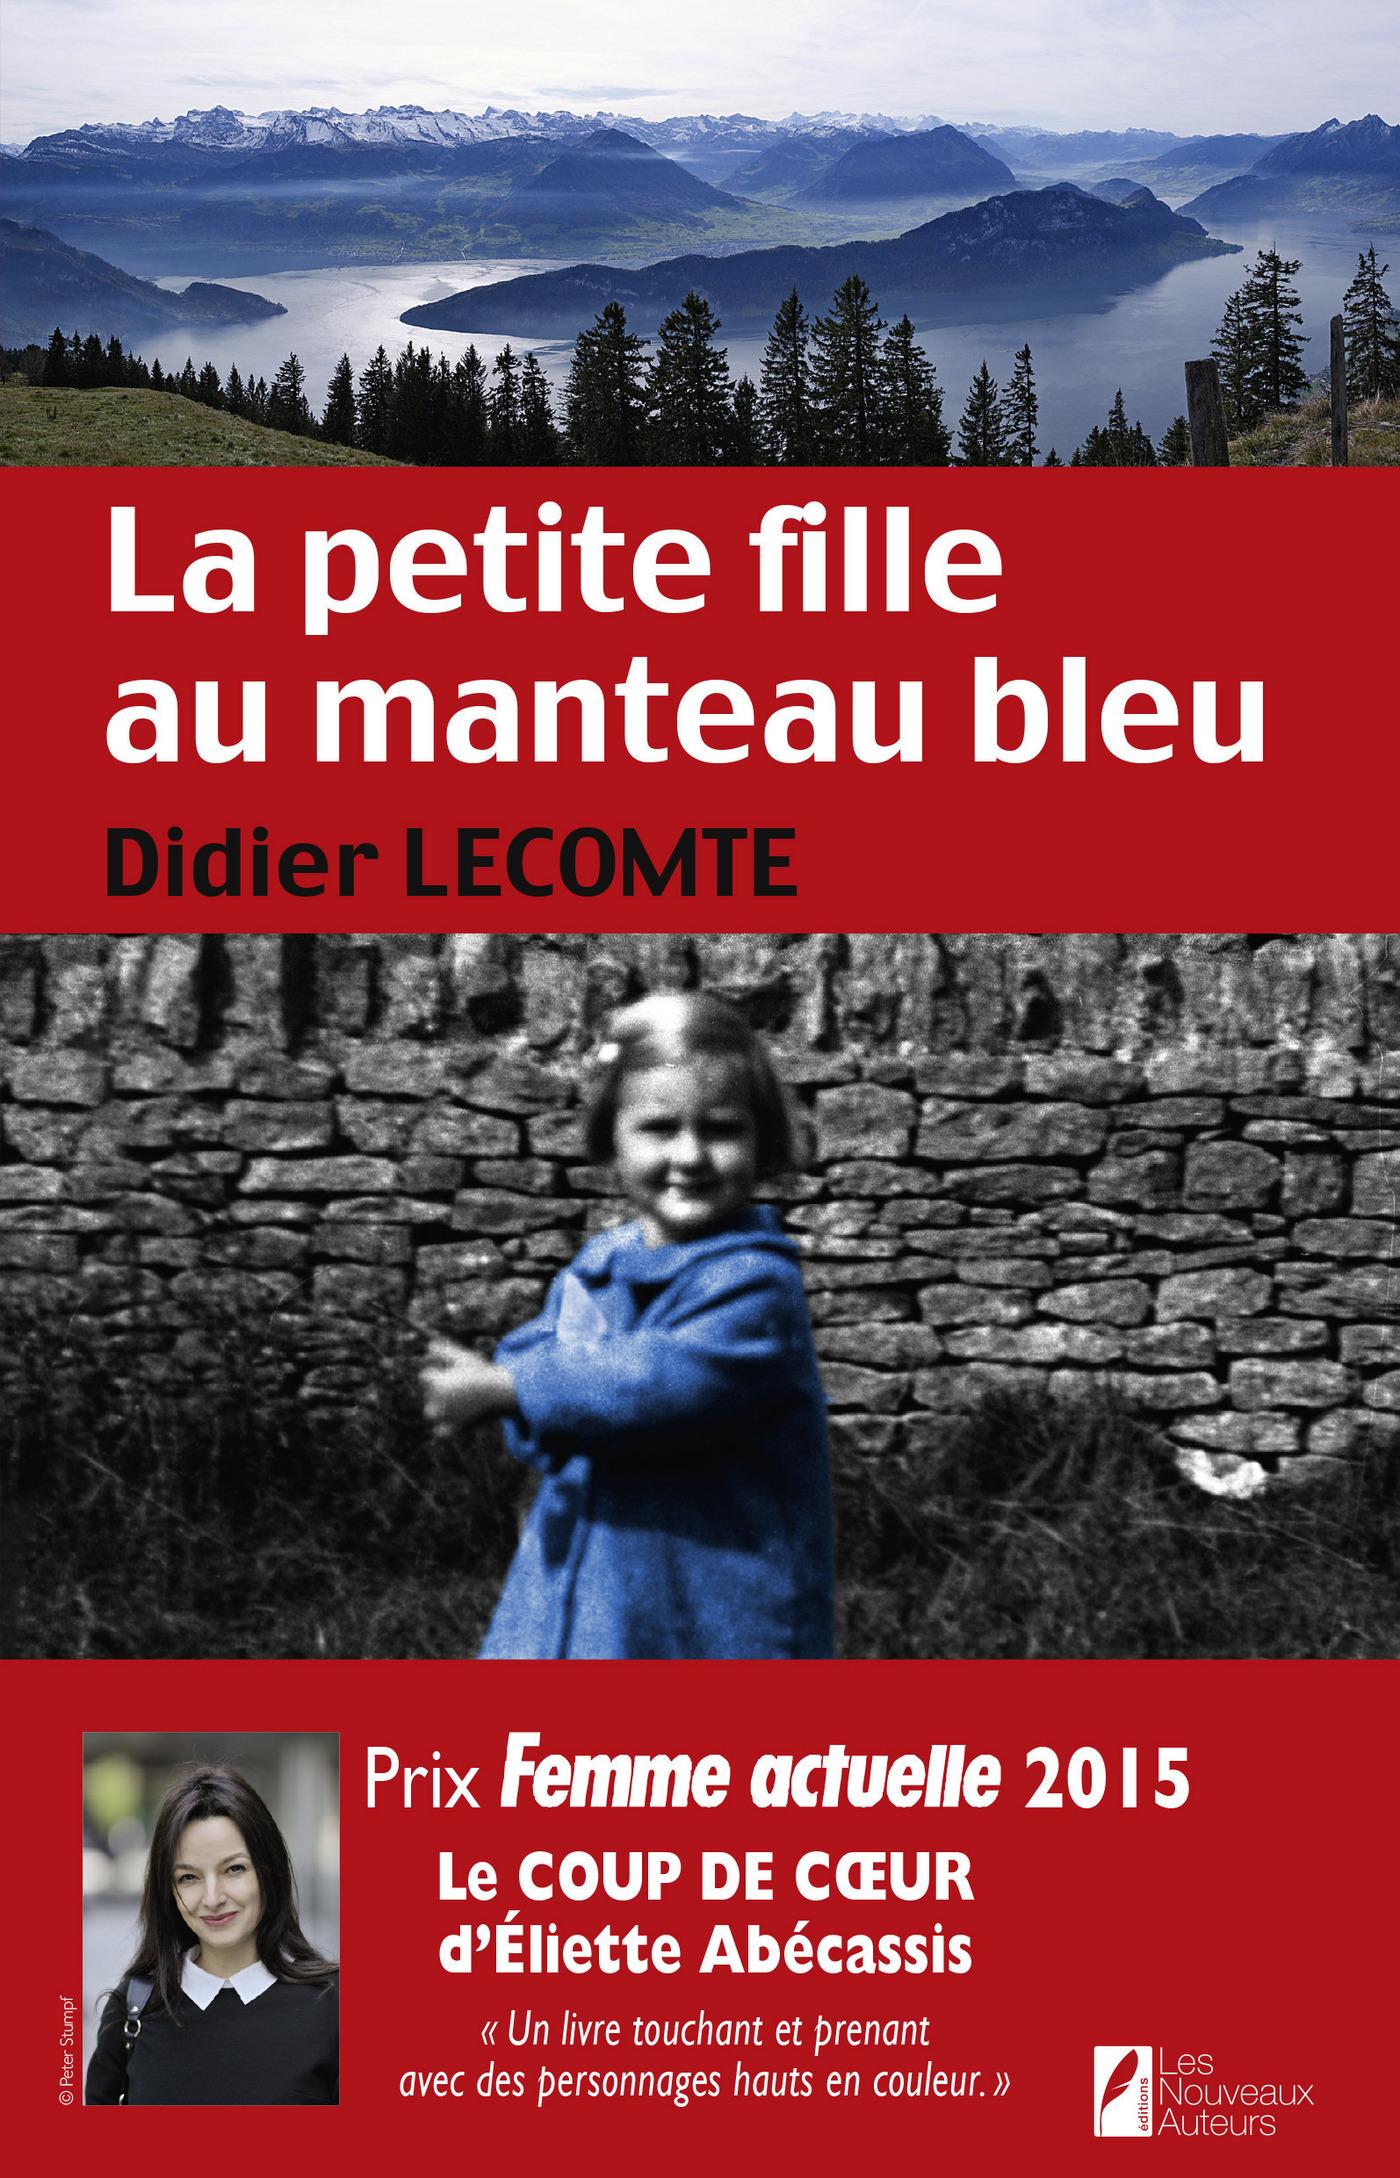 La petite fille au manteau bleu. Coup de coeur de Eliette Abecassis. Prix Femme Actuelle 2015